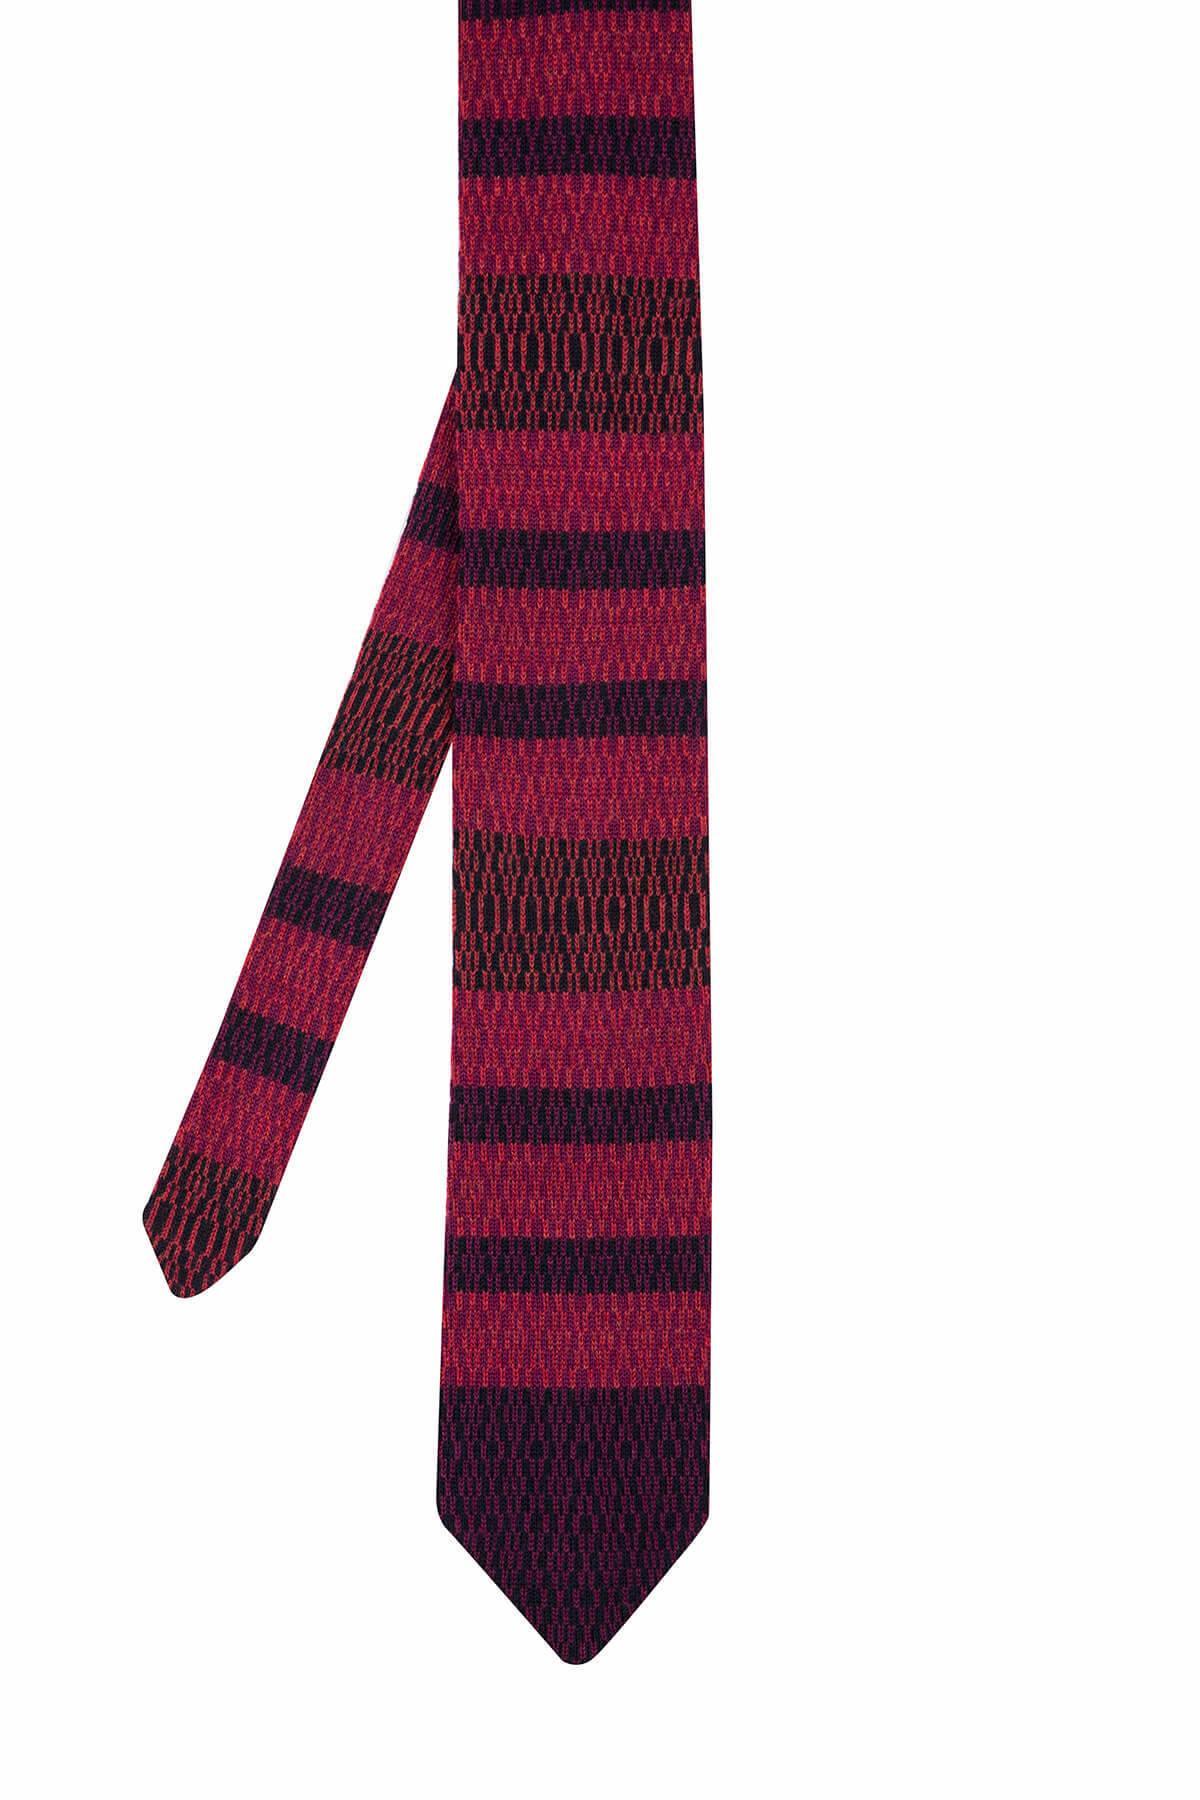 Kırmızı Renk Desenli Örgü Kravat